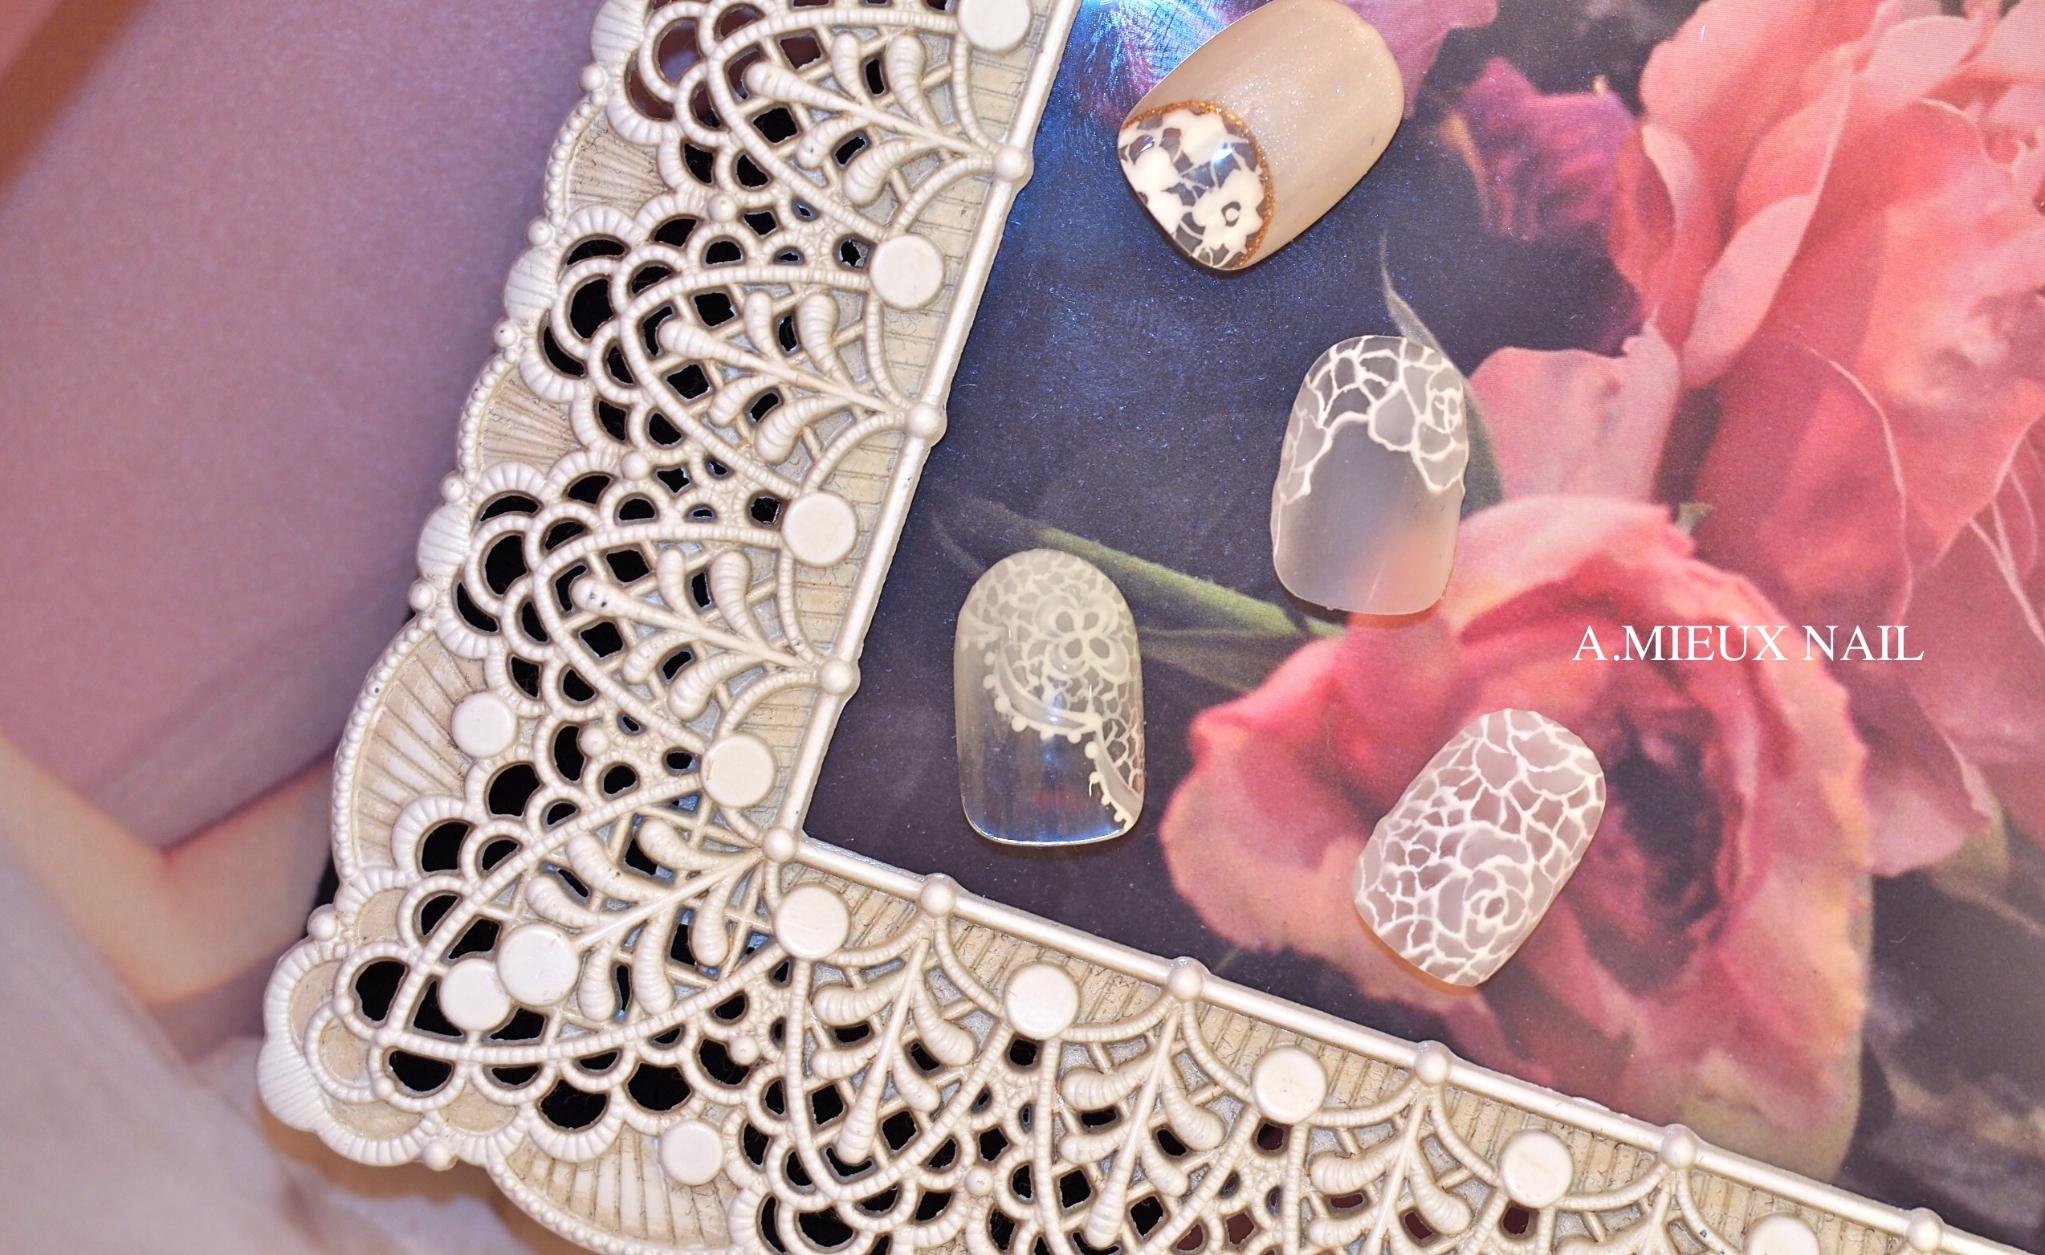 静岡結婚式ネイル花嫁ブライダルネイルウェディングネイル